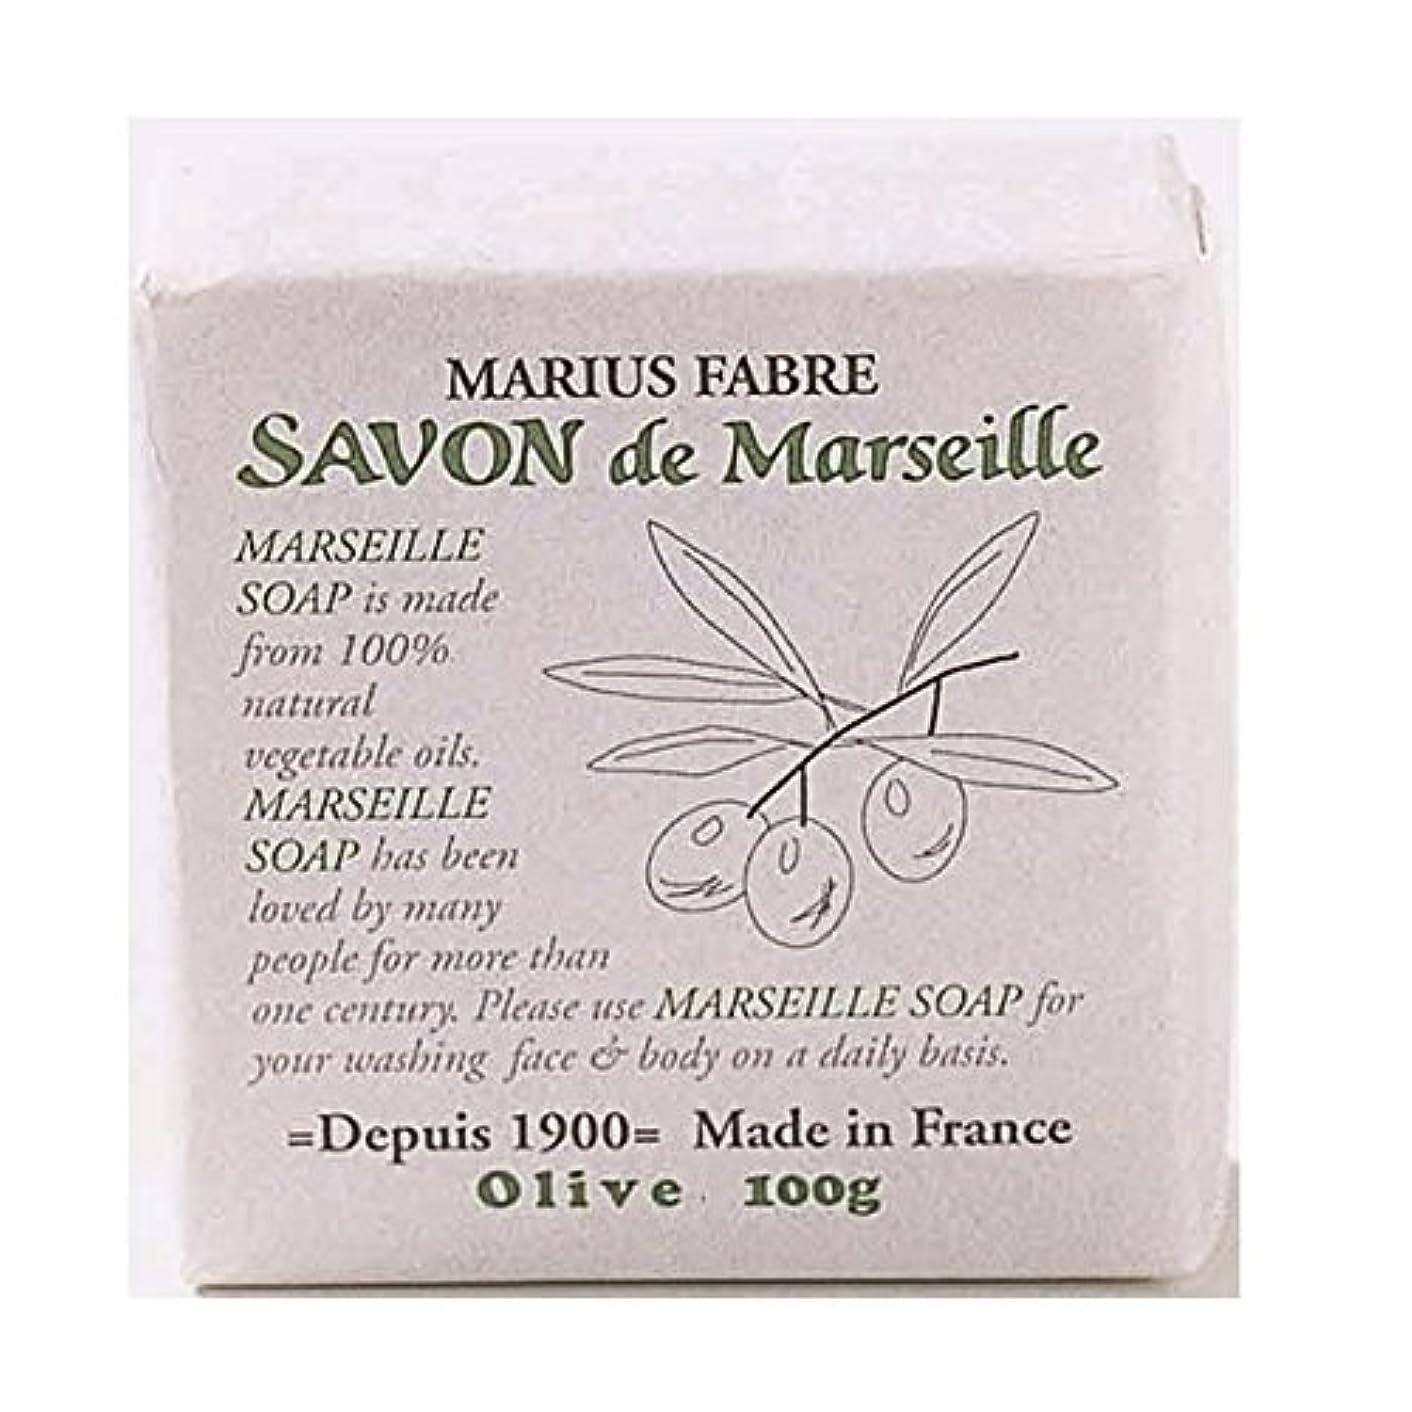 混乱派生するペルメルサボンドマルセイユ 無香料 オリーブ石鹸 100g 6個セット マリウスファーブル